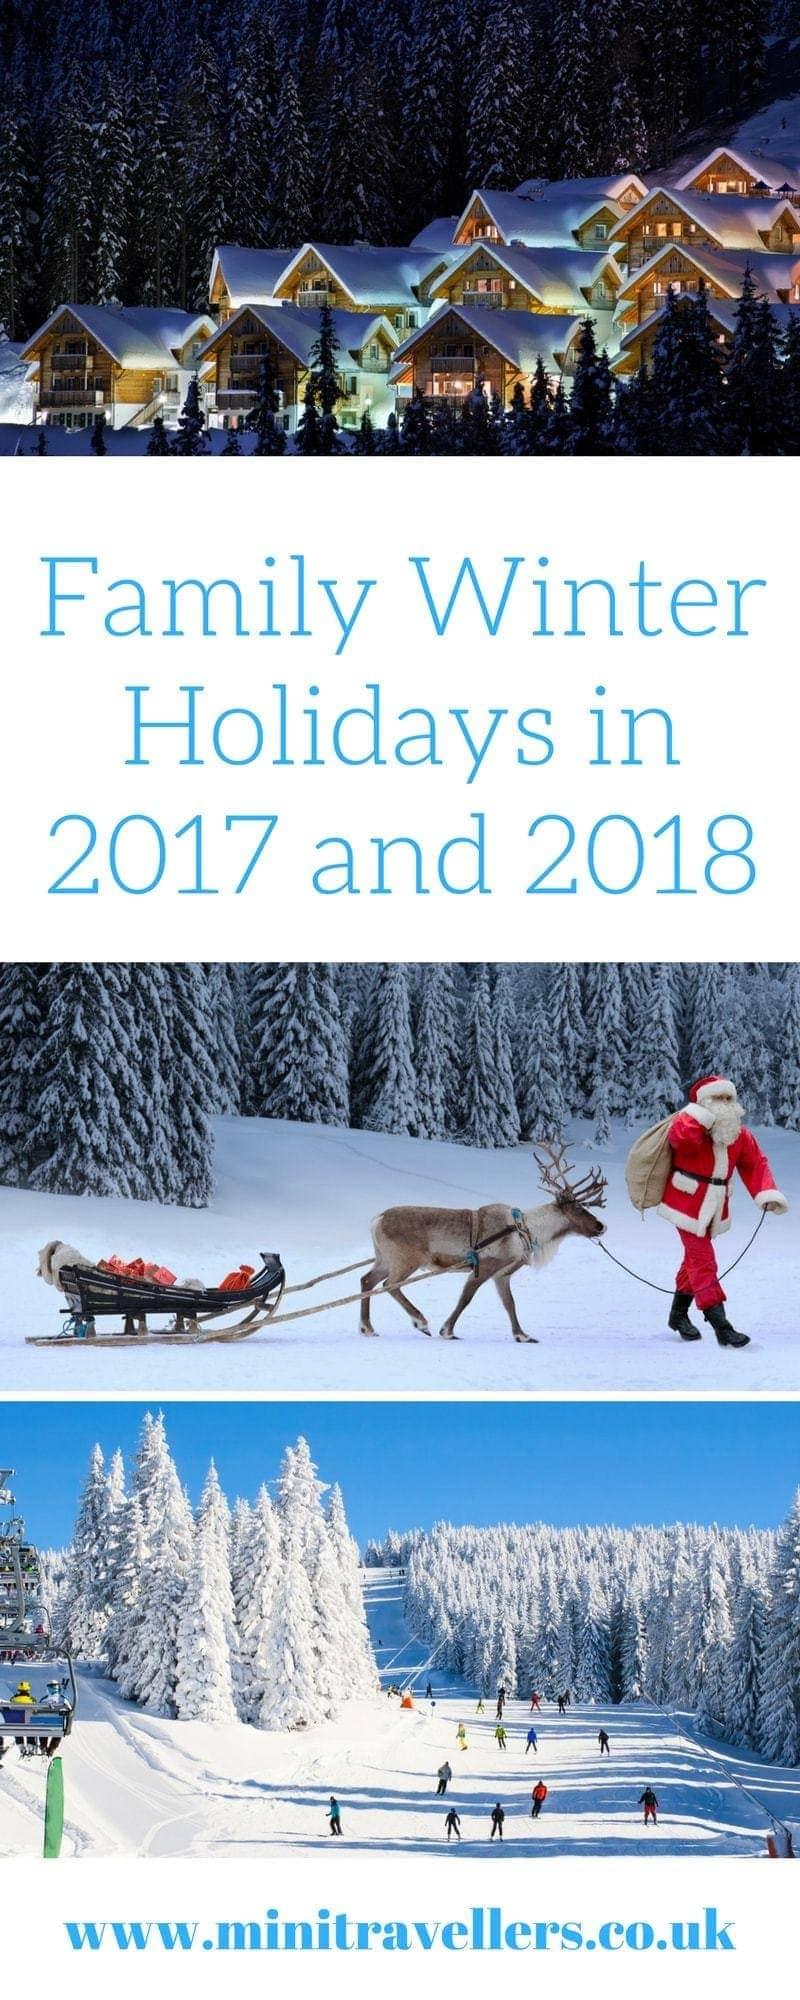 2018 Winter Family Holiday Ideas